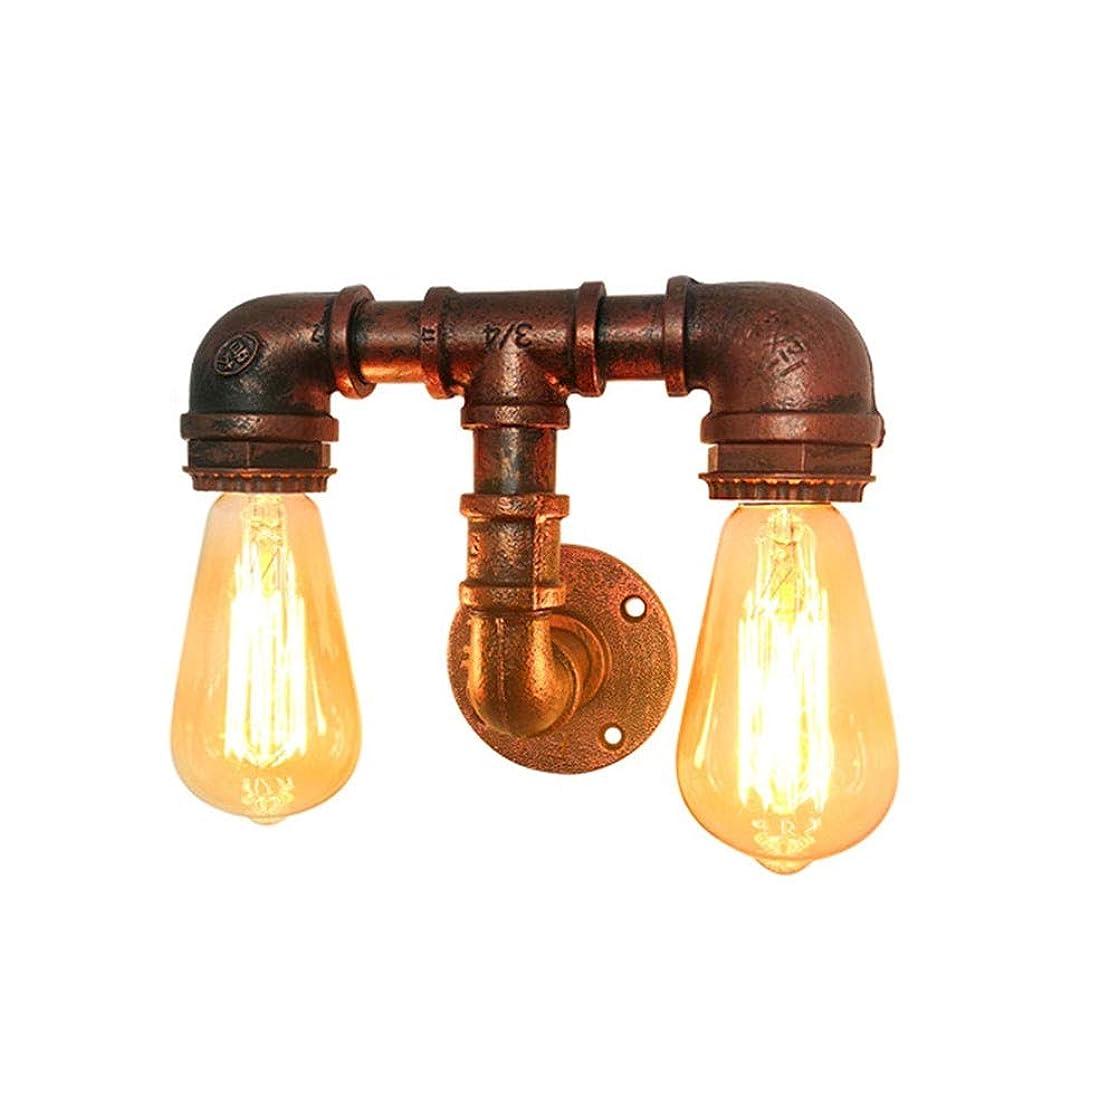 専制パラナ川パーチナシティ壁掛け照明 led壁灯 壁取り付け用燭台ヨーロッパスタイルのダブルヘッドウォールライトベッドルームスタディベッドサイド廊下階段ライトアイルライト